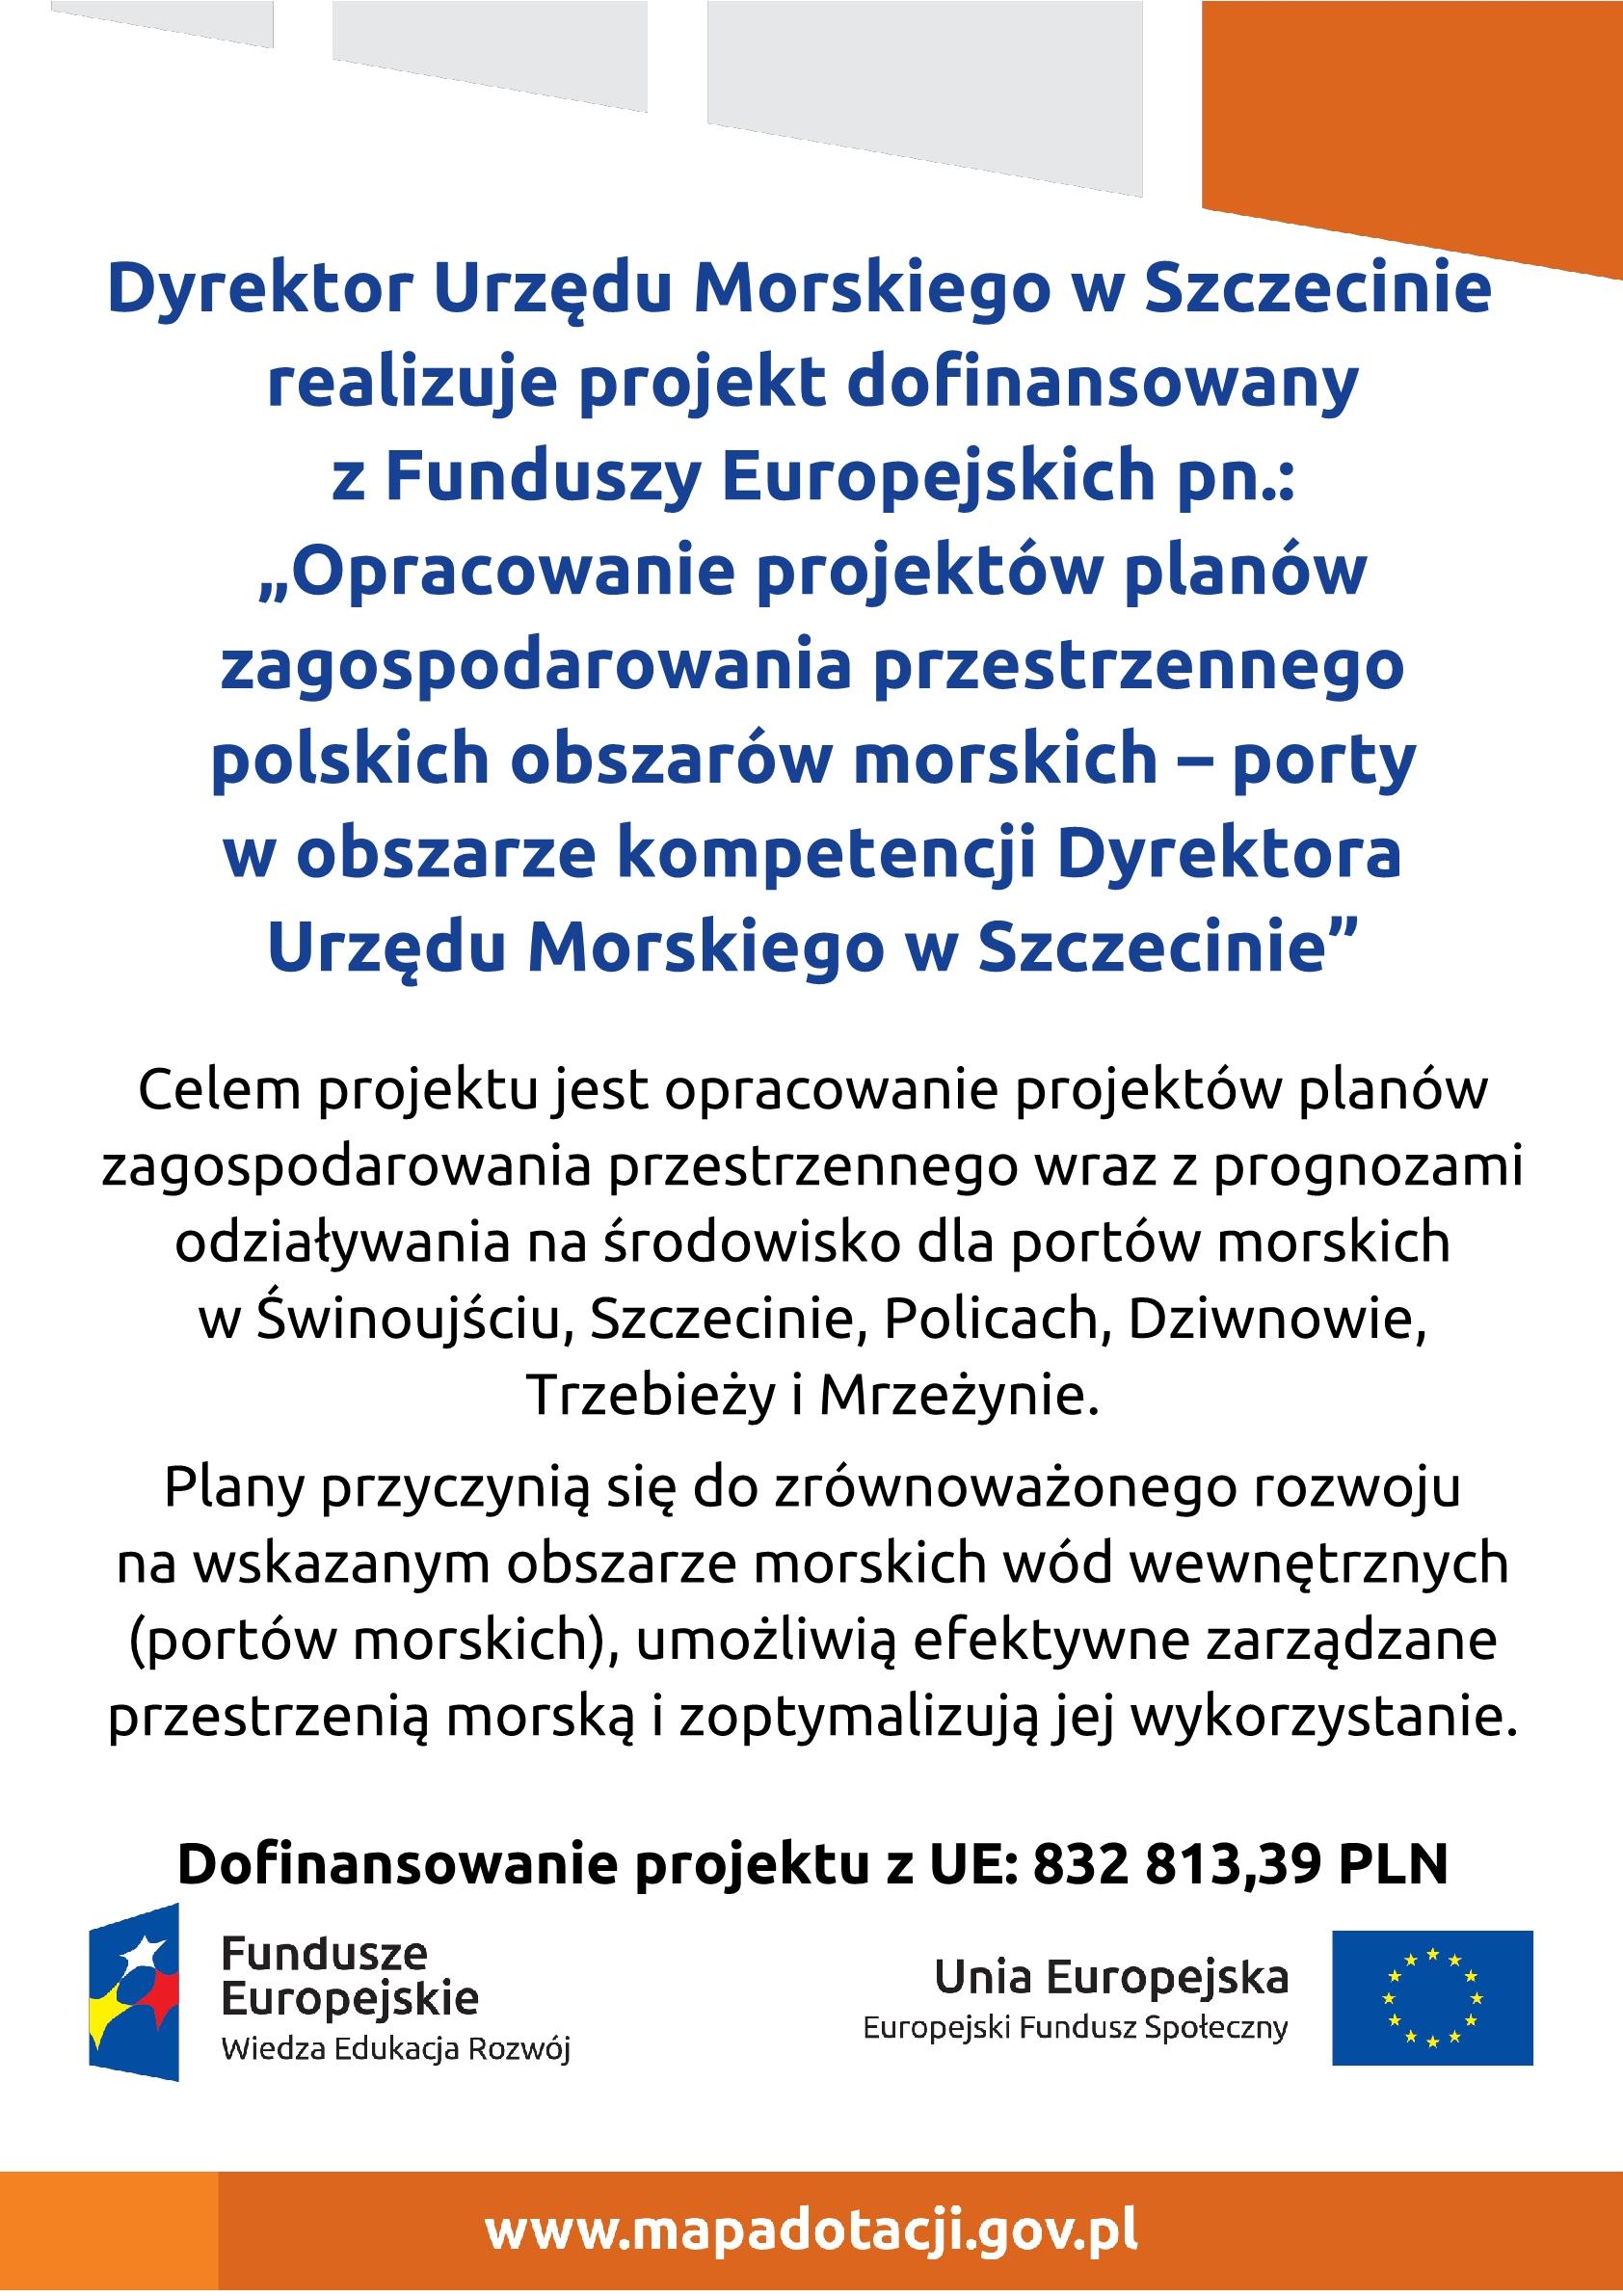 Plakat - Opracowanie projektów planów zagospodarowania przestrzennego polskich obszarów morskich – porty w obszarze kompetencji Dyrektora Urzędu Morskiego w Szczecinie